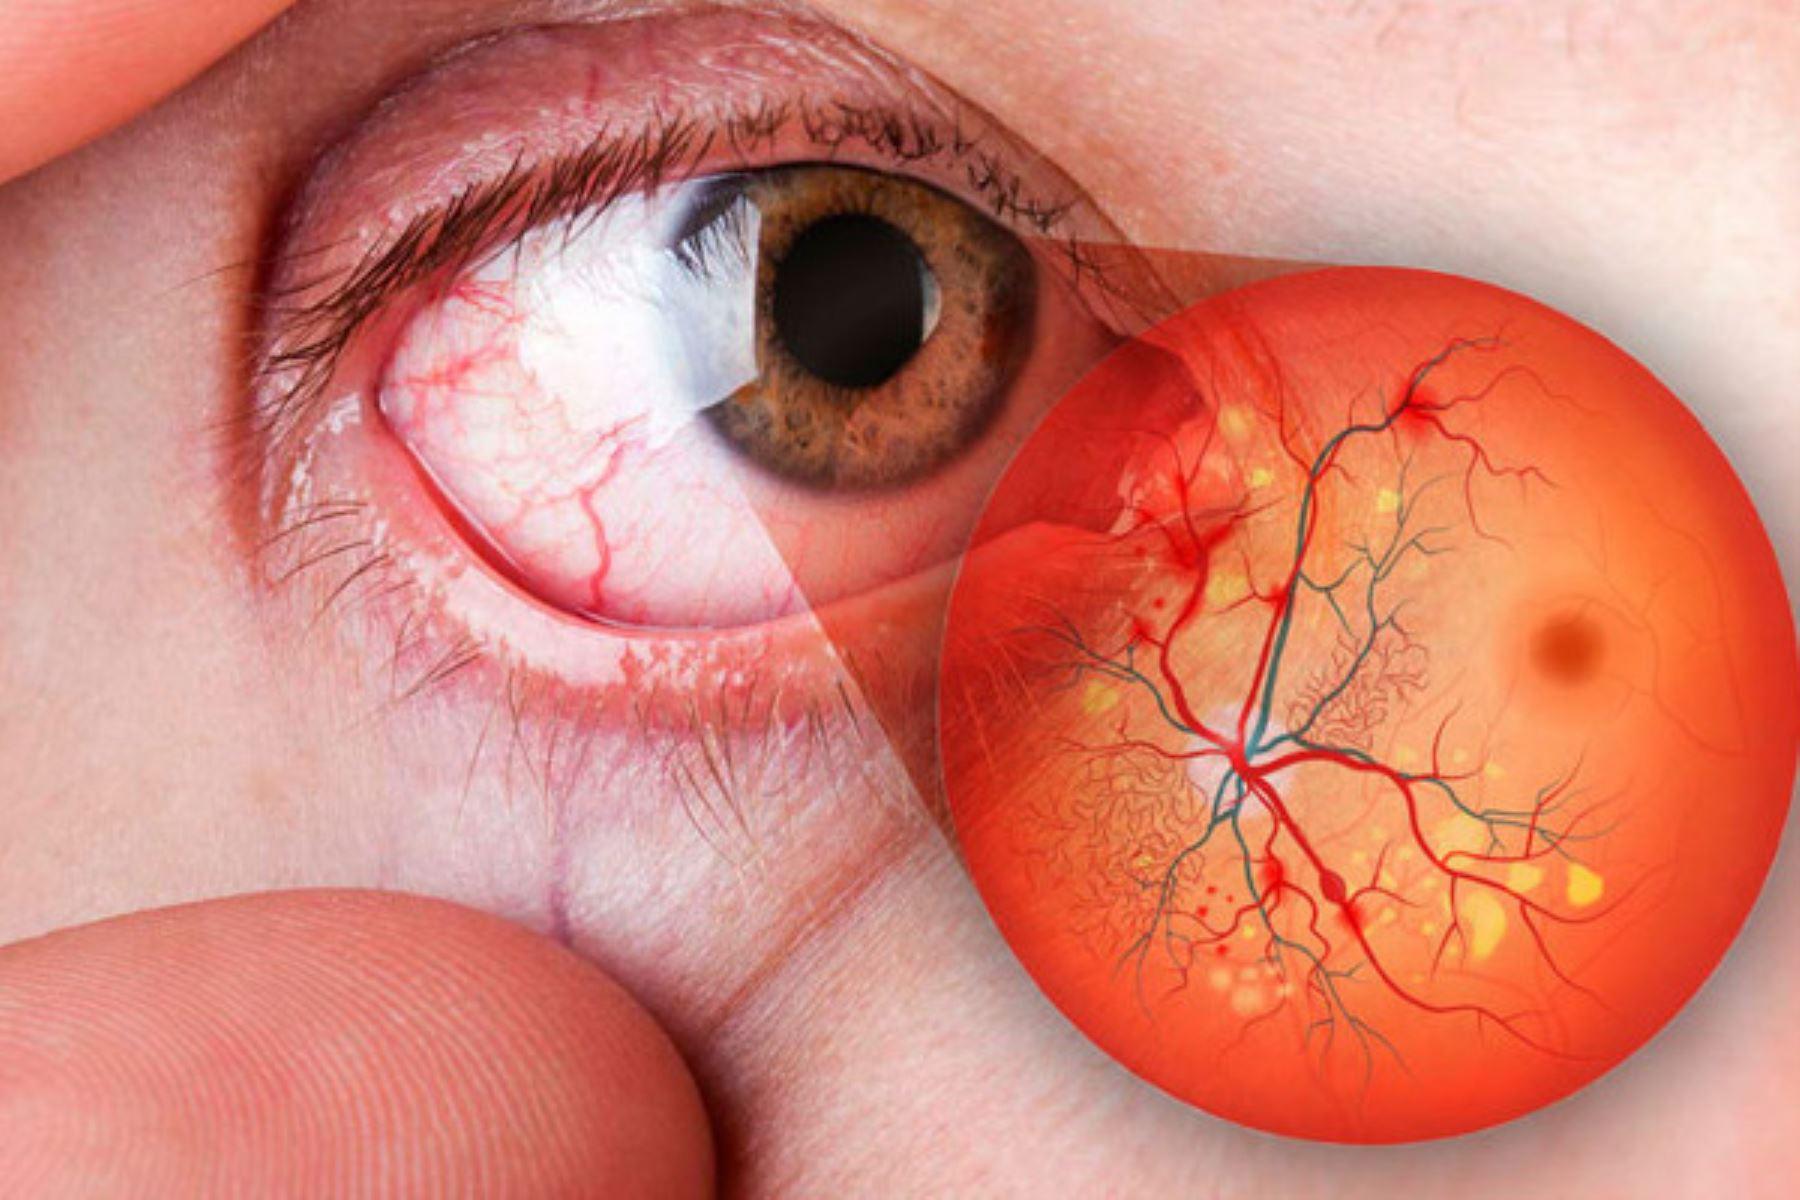 Conoce cómo puede afectar la diabetes a tus ojos | Noticias | Agencia Peruana de Noticias Andina